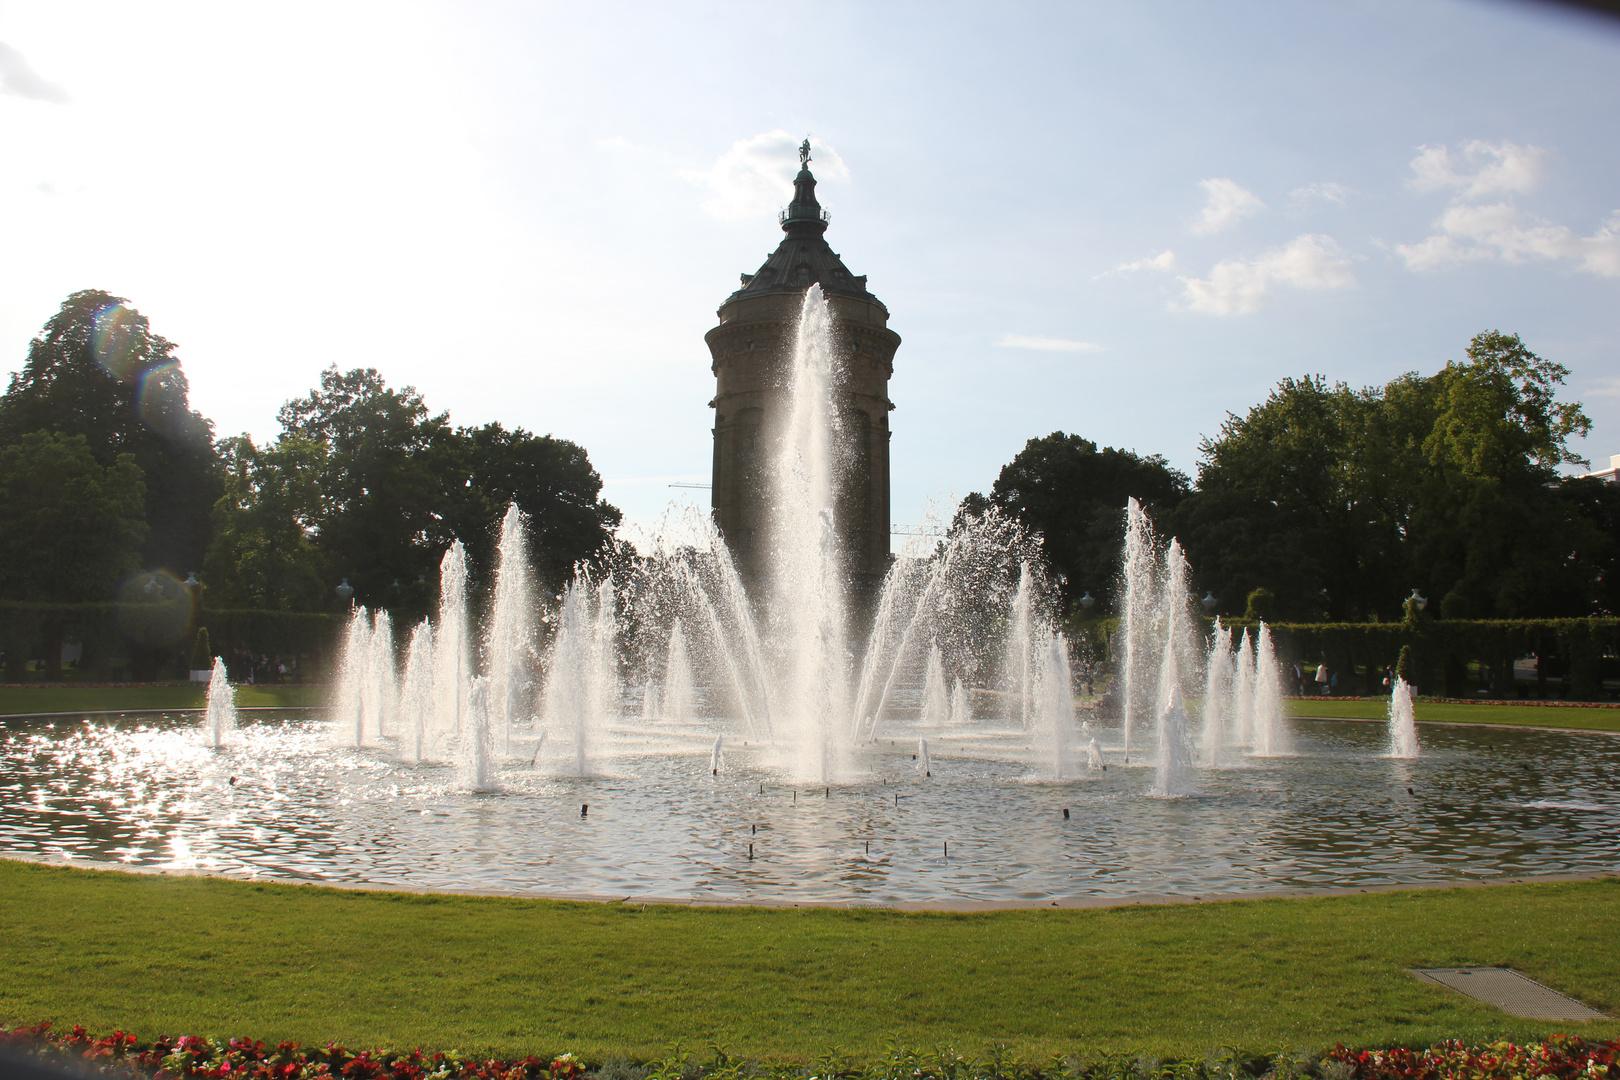 Wasserspiele am Wasserturm in Mannheim